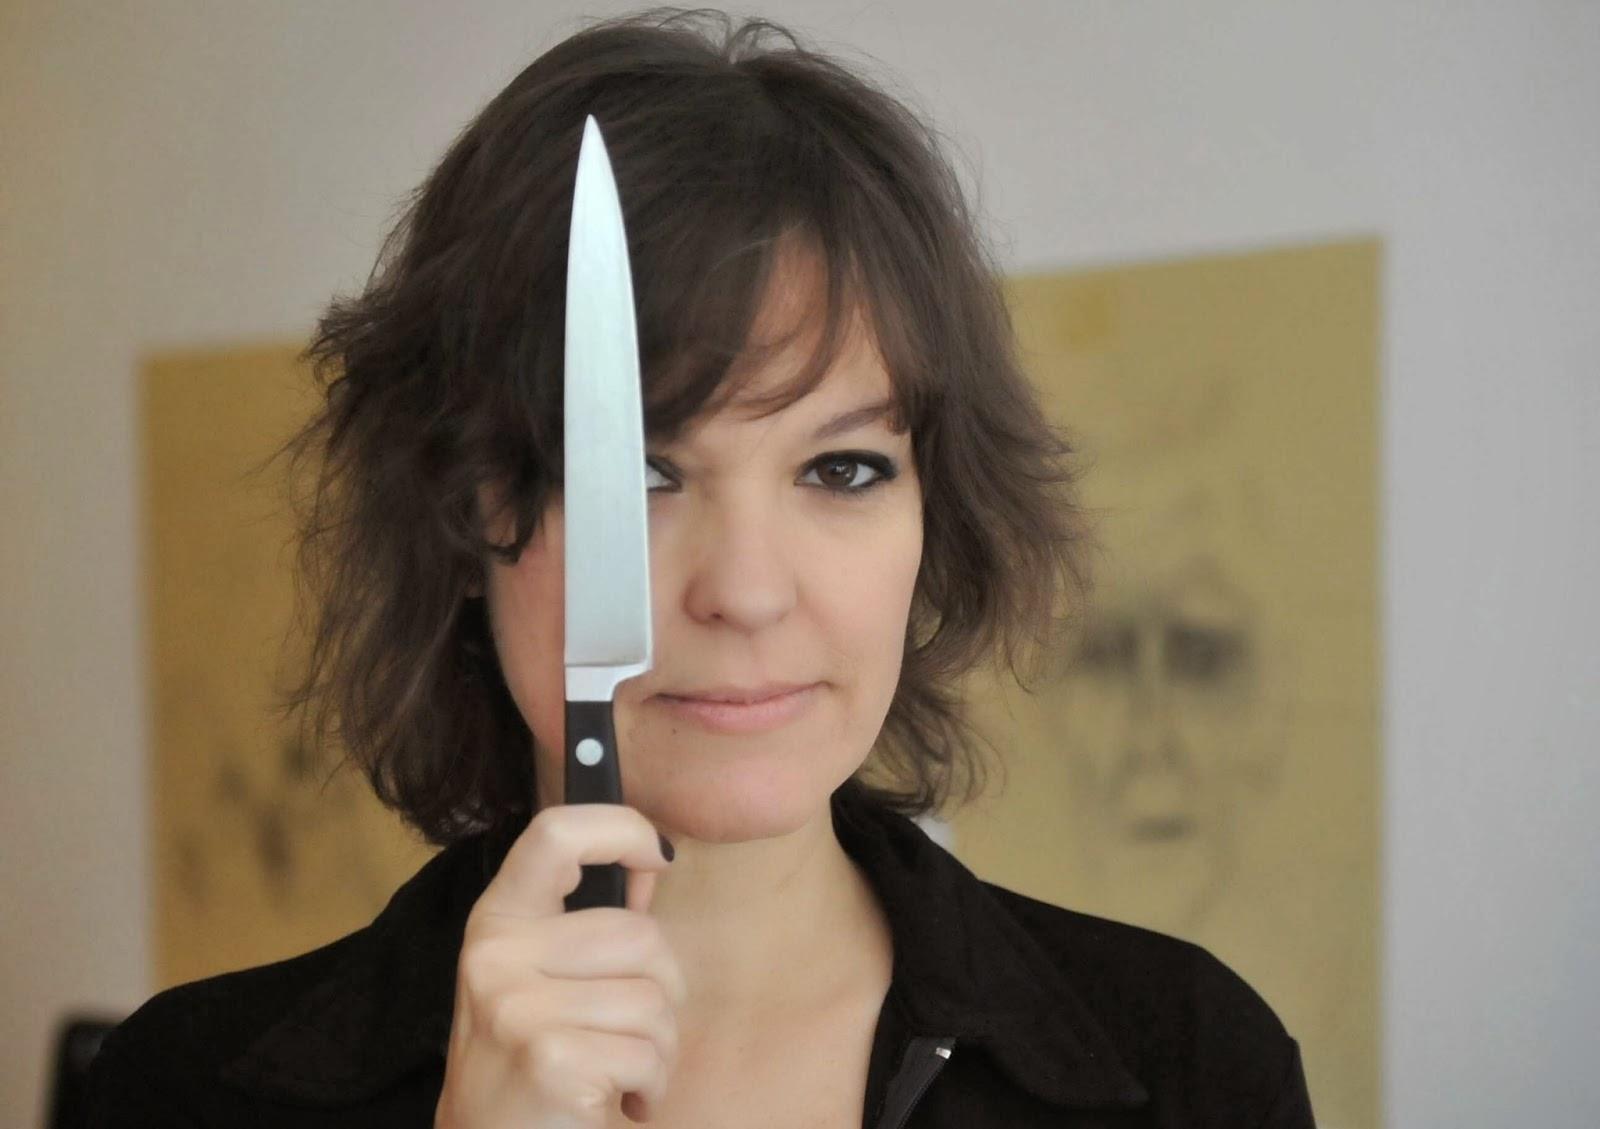 Cómo usar un cuchillo, prensa.